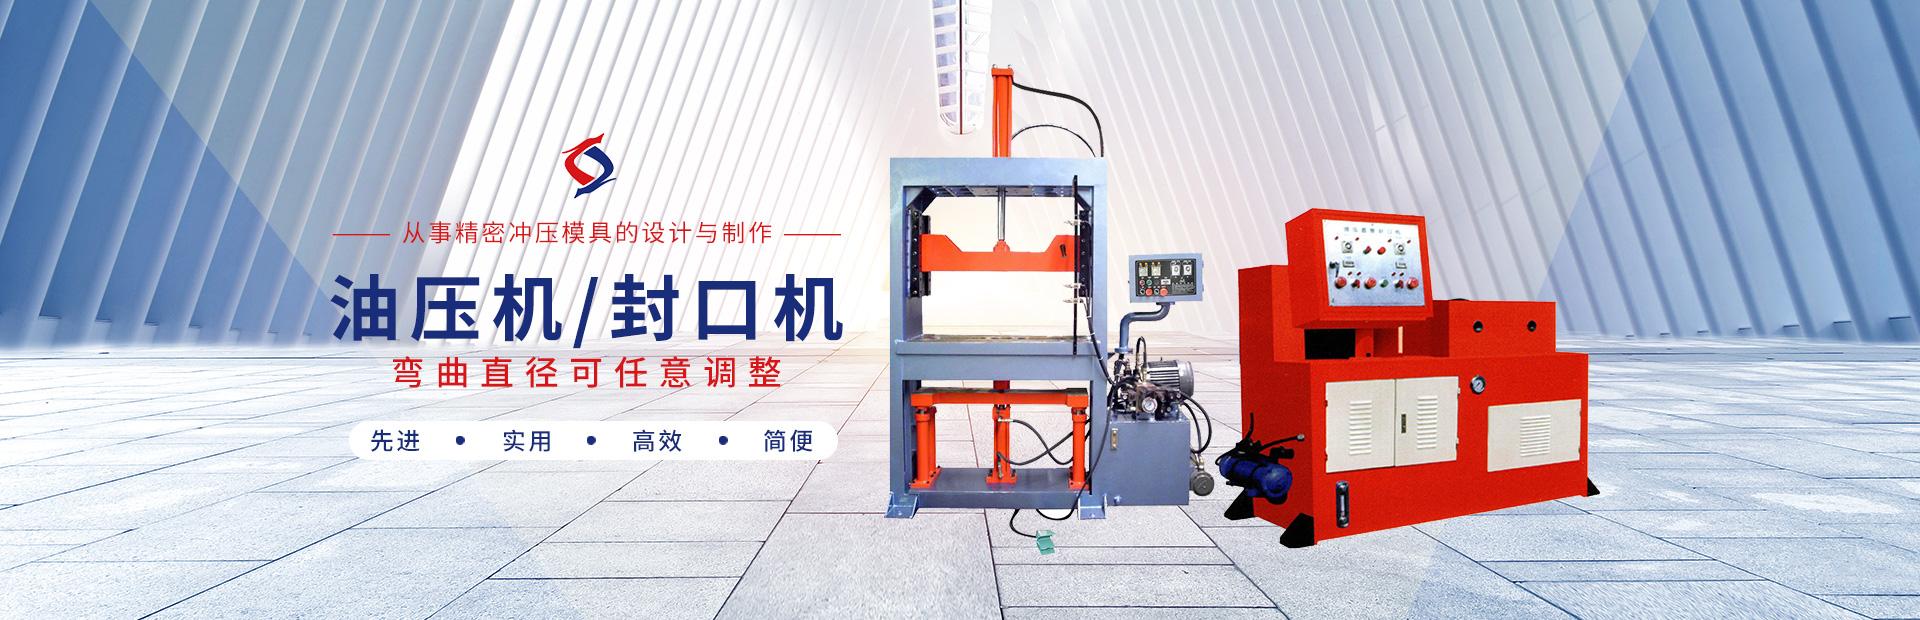 东莞市强盛精密机械设备有限公司